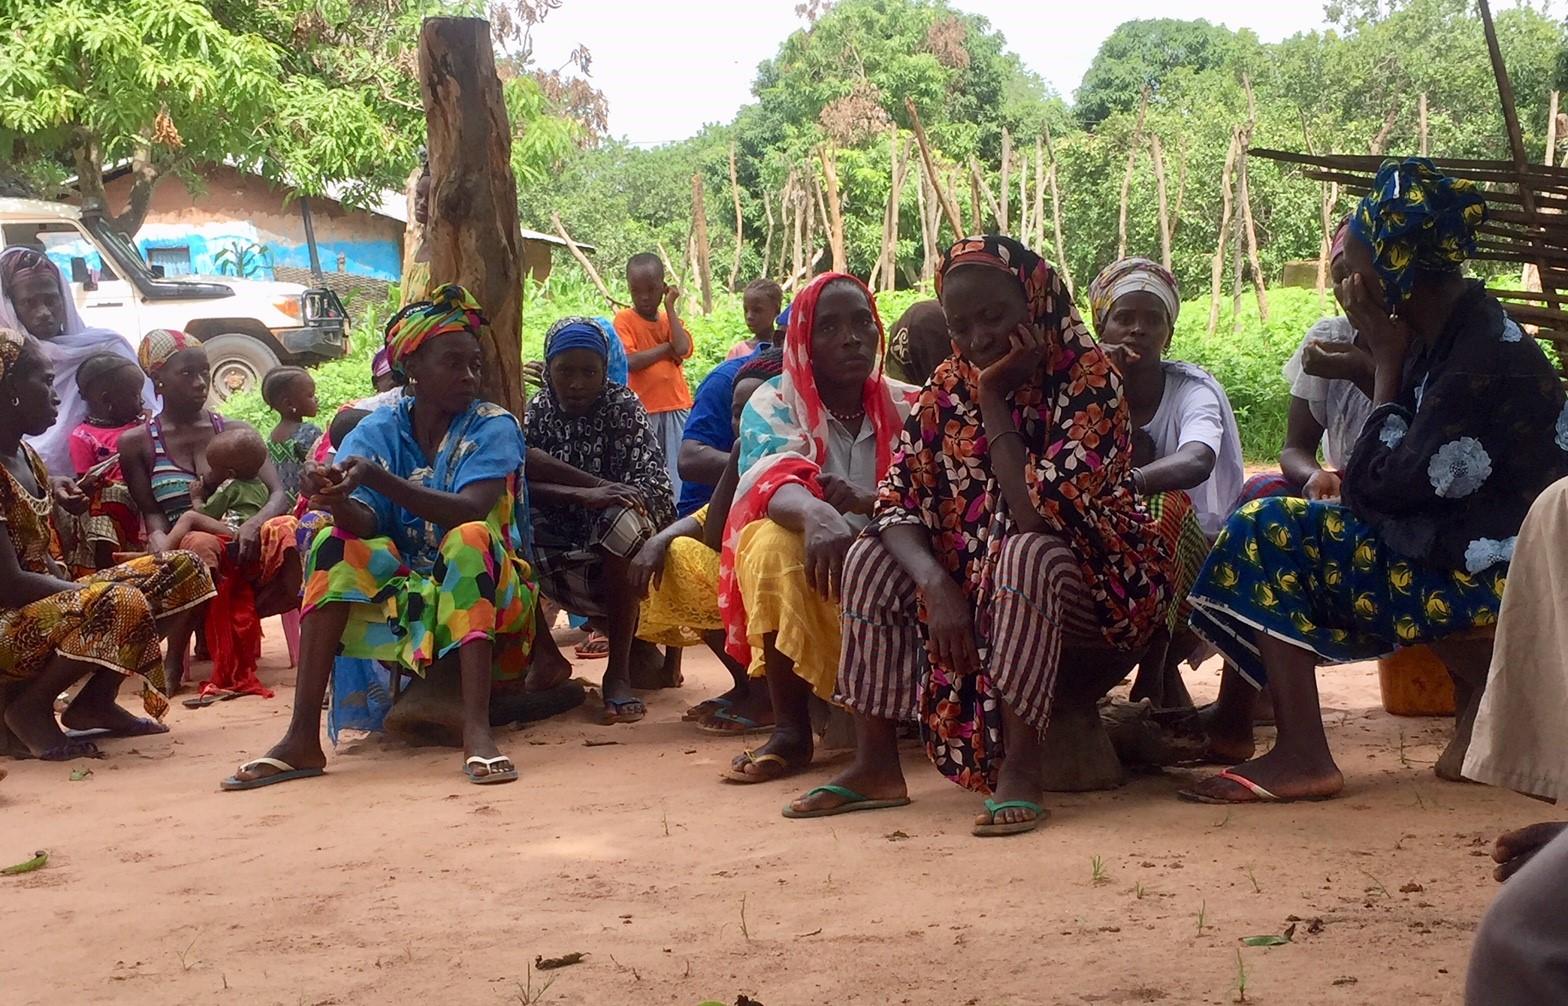 riunione rifugiati senegalesi_guinea bissau_mani tese_2018